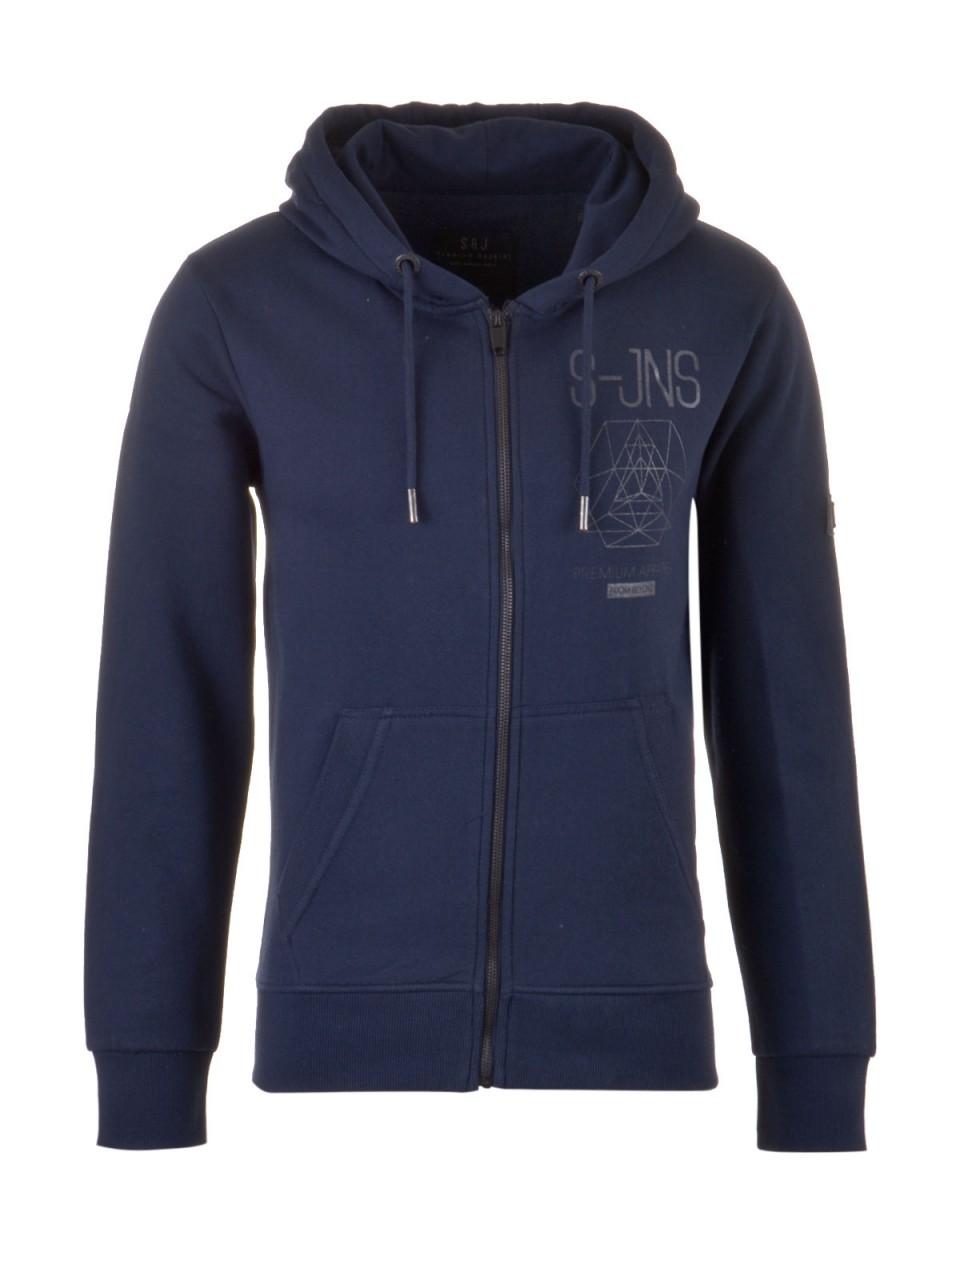 s-amp-j-premium-apparel-herren-sweatshirt-navy